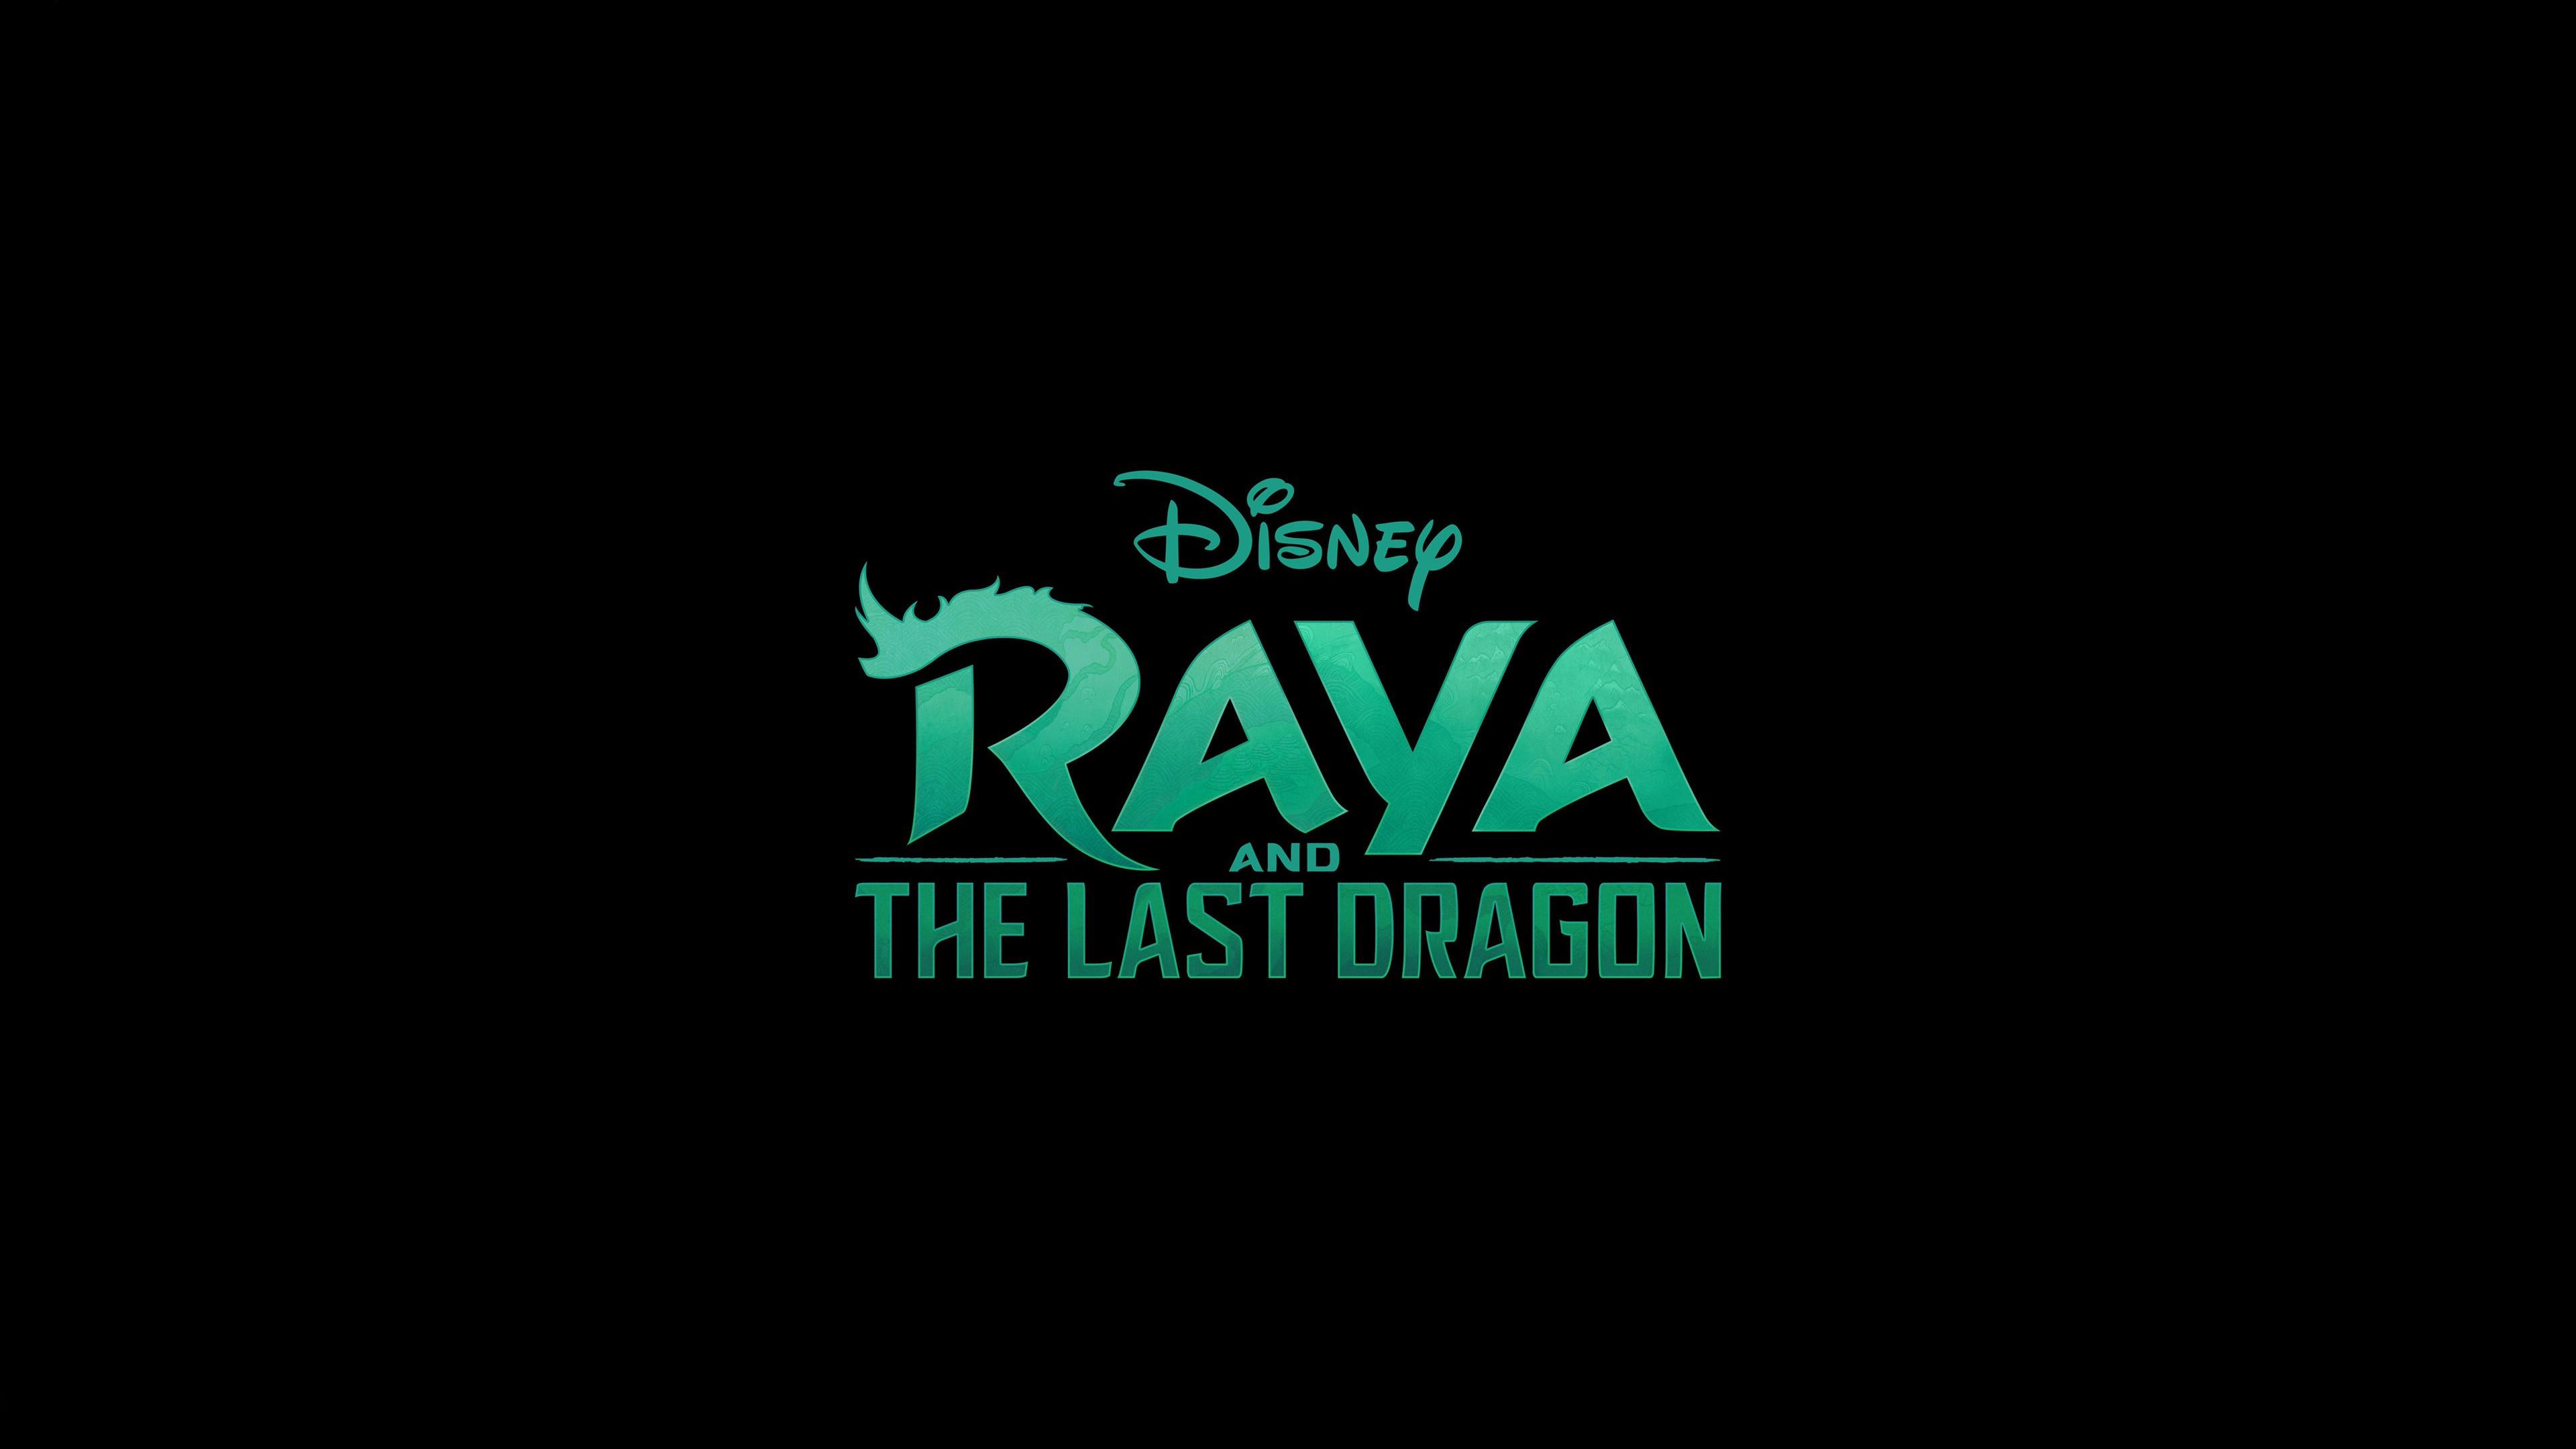 raya and the last dragon logo wallpaper 73768